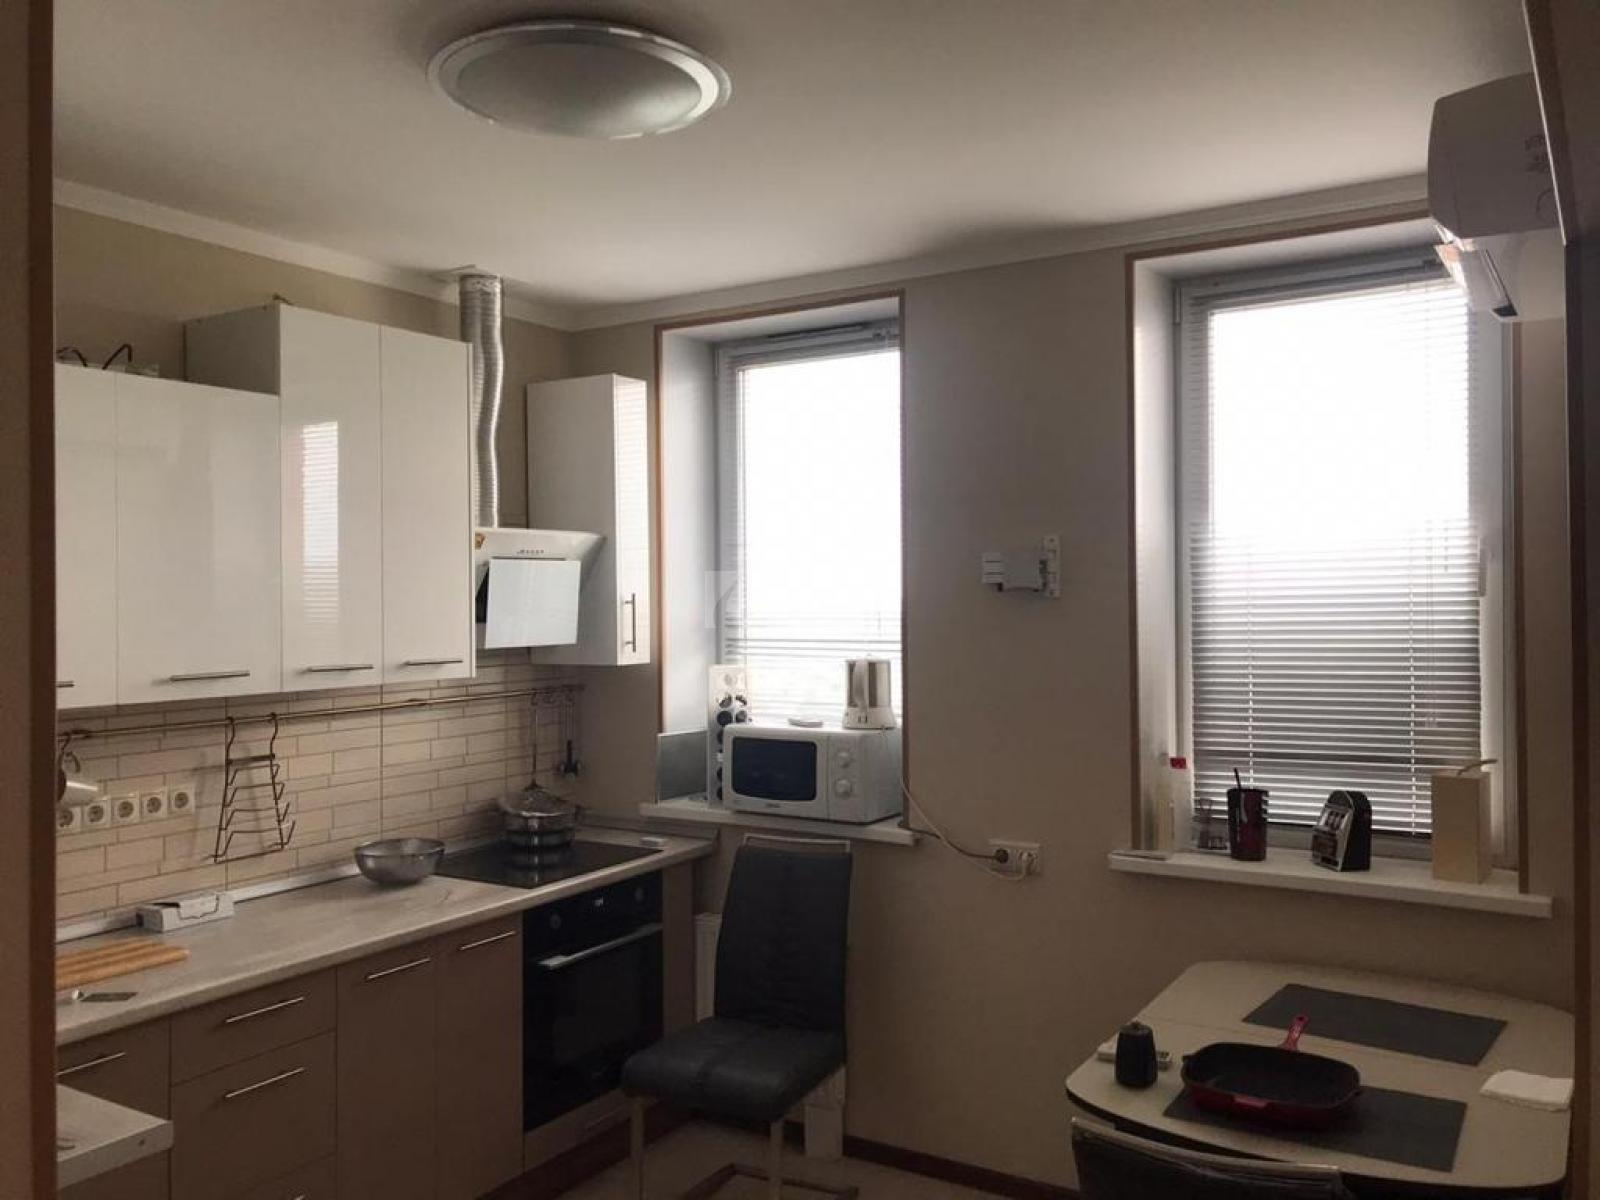 Фото №16 - 2-комнатная квартира, Москва, город Щербинка, Барышевская Роща улица 18, метро Бульвар Дмитрия Донского